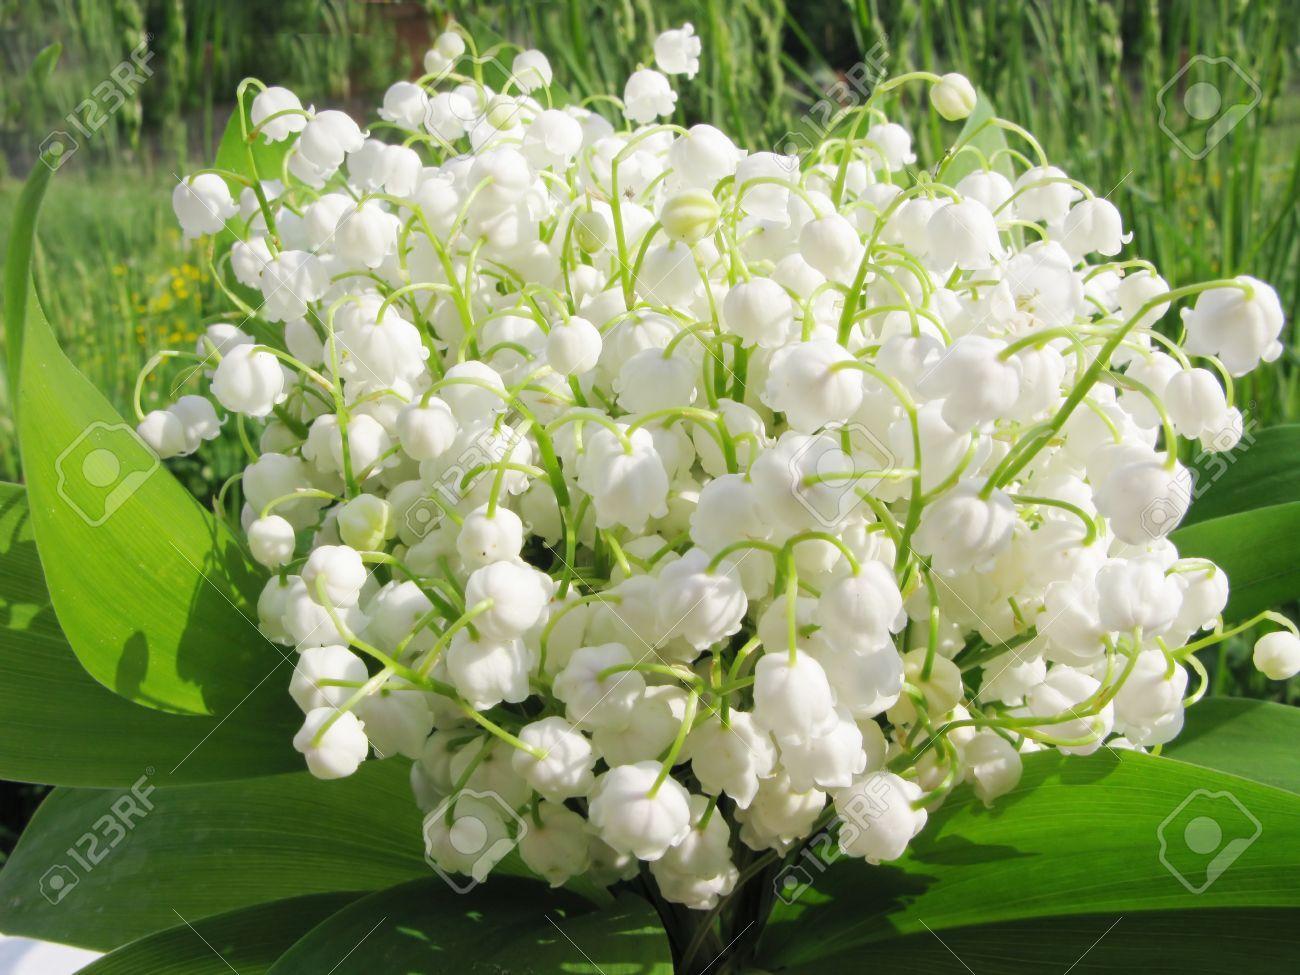 Jean patou joy perfume lily google all pinterest jean patou joy perfume lily google izmirmasajfo